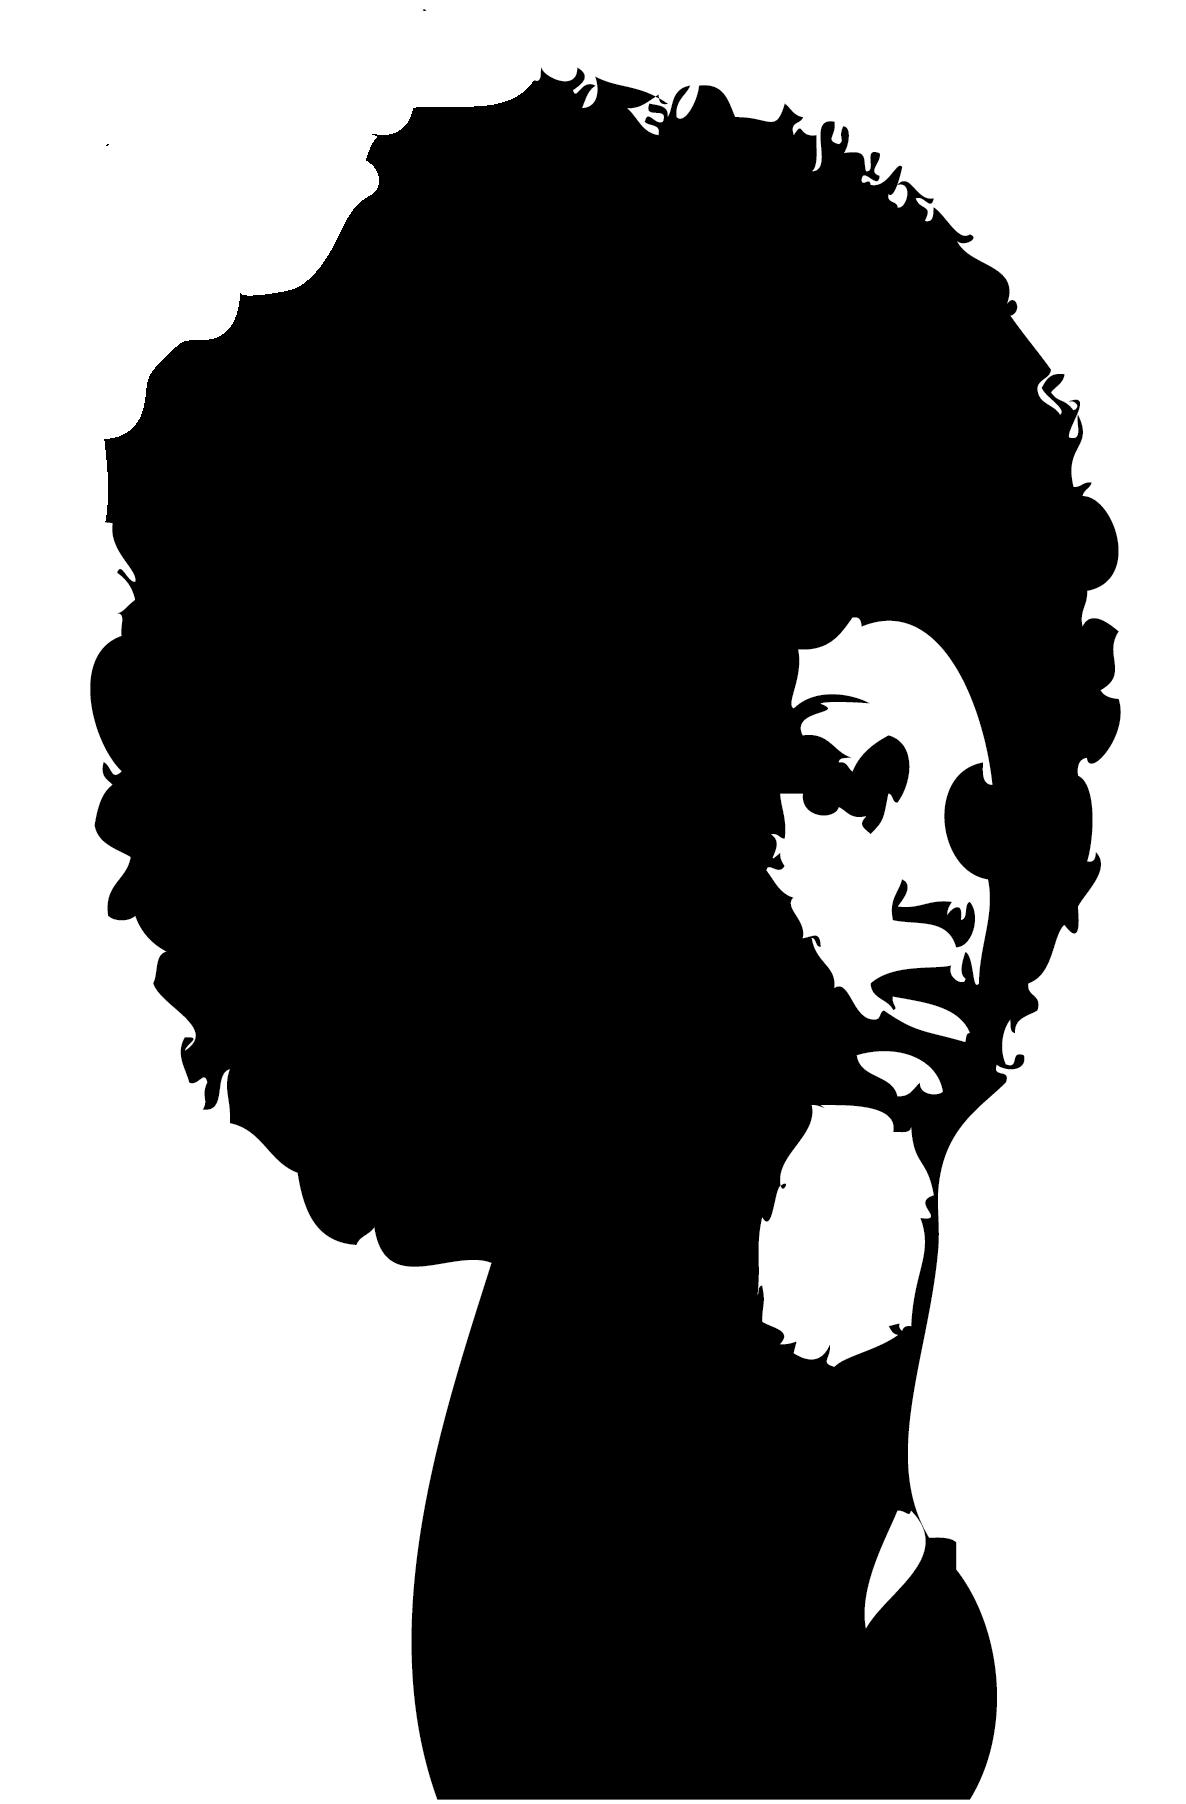 Women Hair Silhouette Clipart.